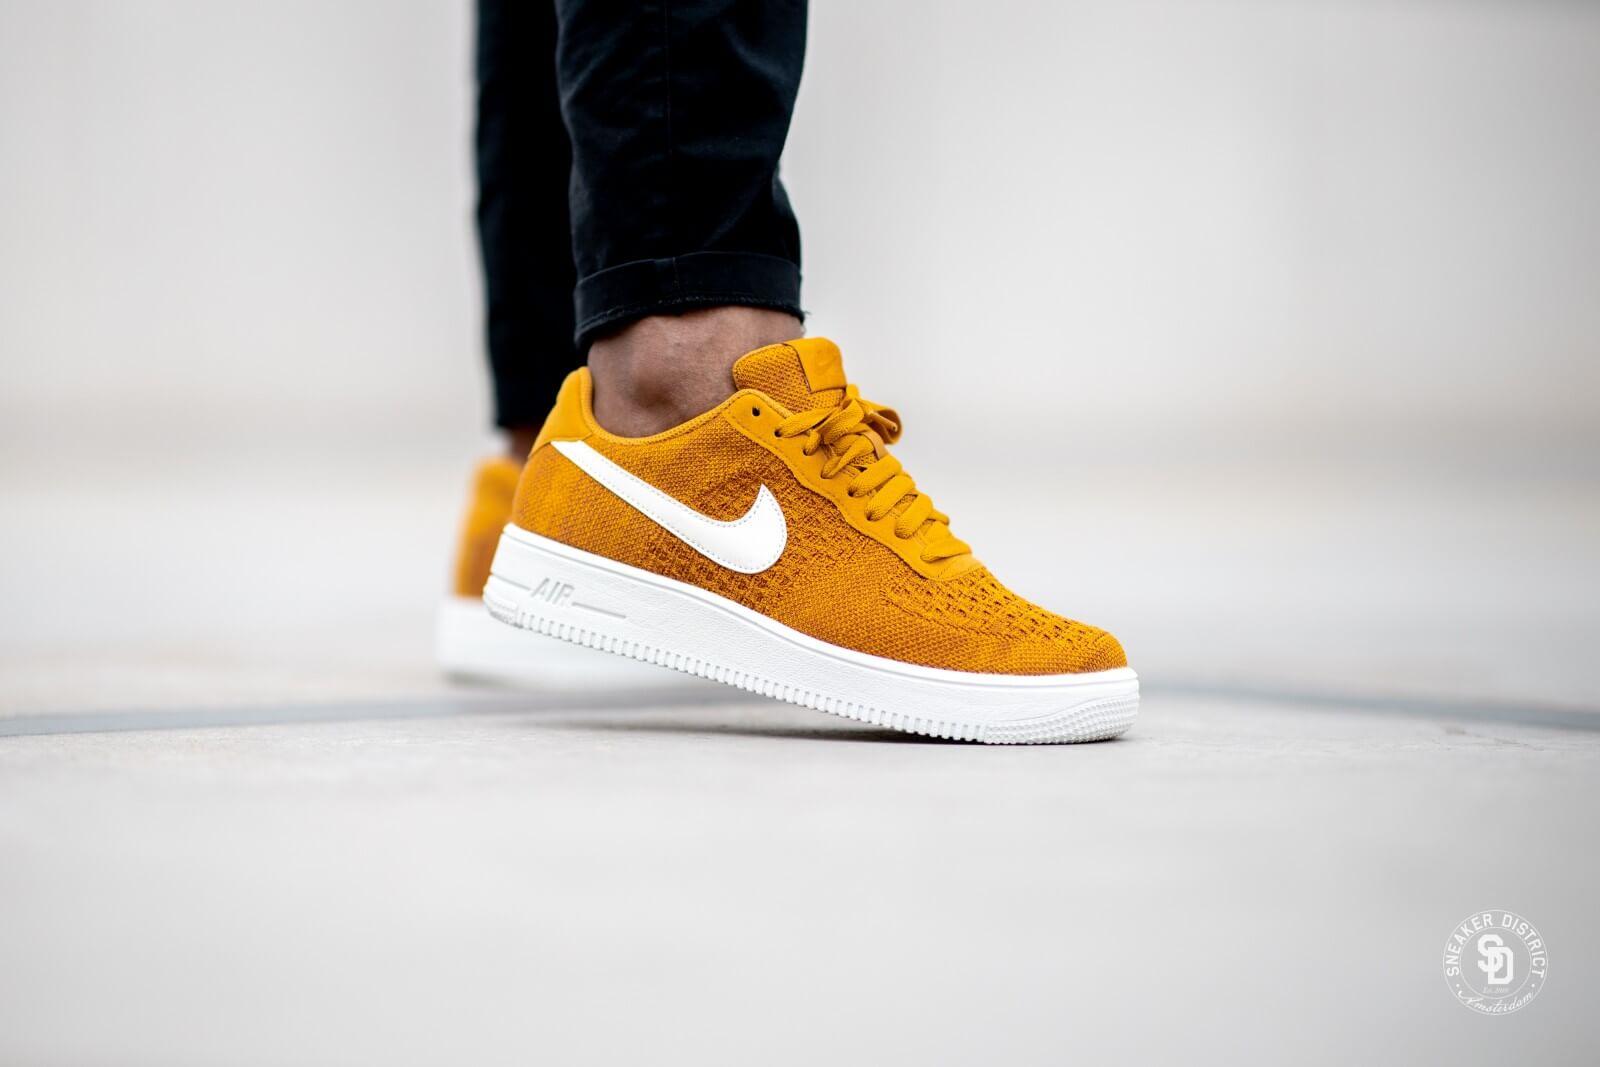 Nike Air Force 1 Suede Brown